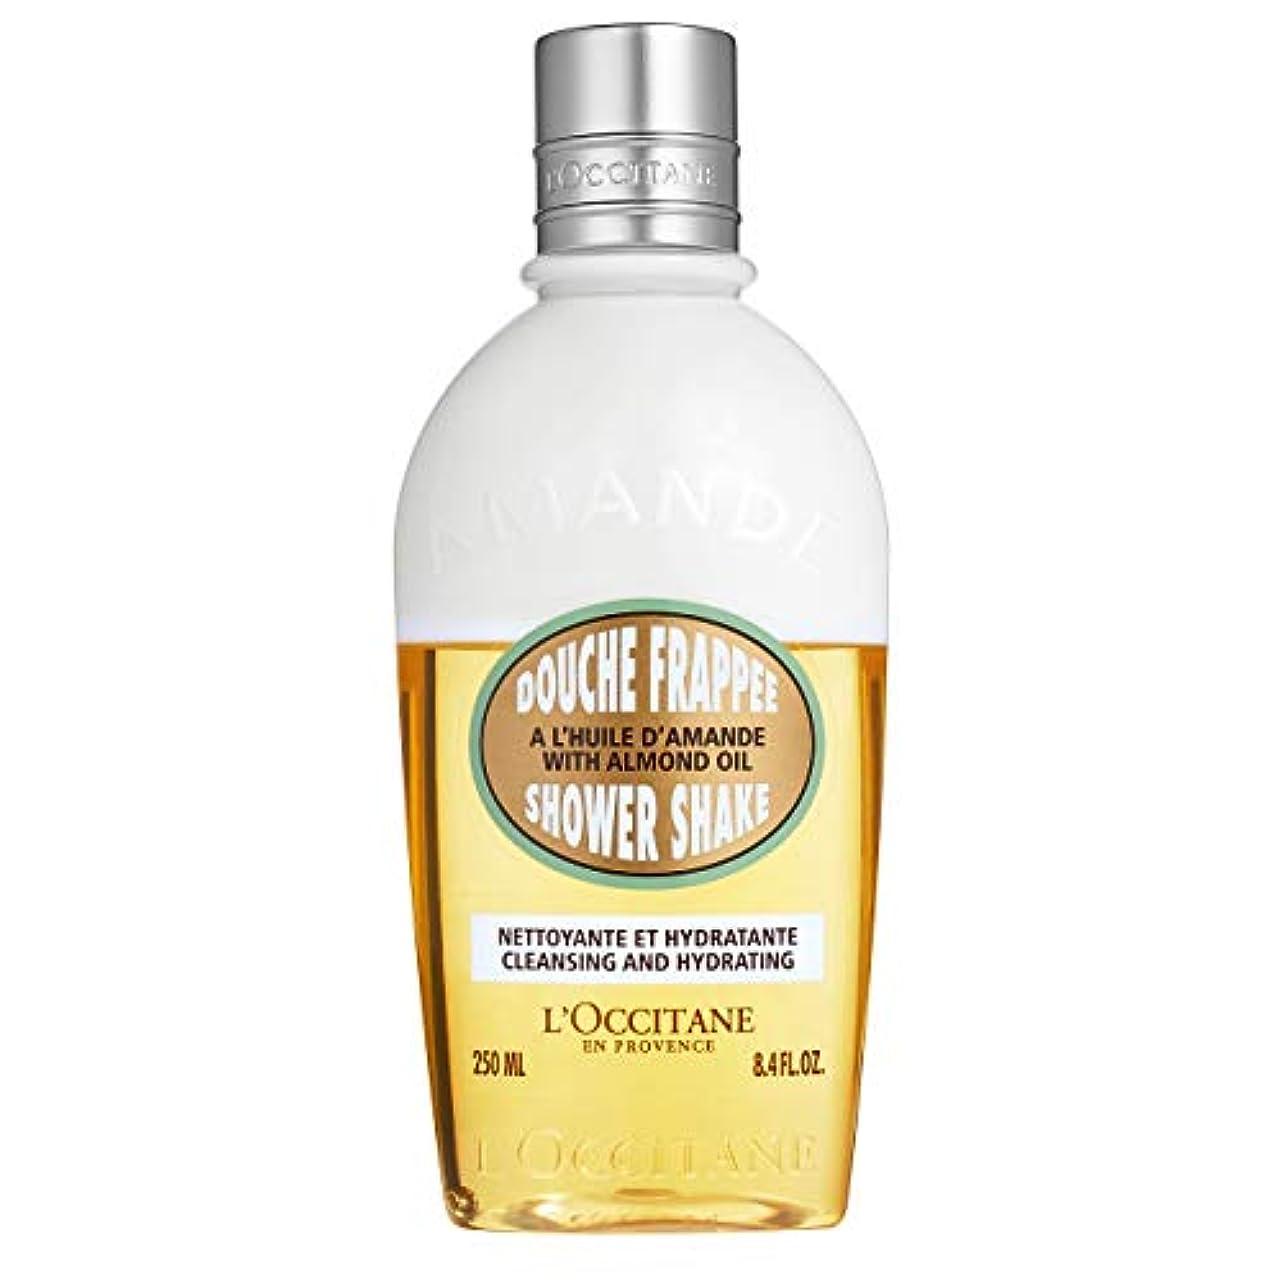 ロクシタン(L'OCCITANE) アーモンド ミルクシャワーシェイク 250ml(ボディ用洗浄料)